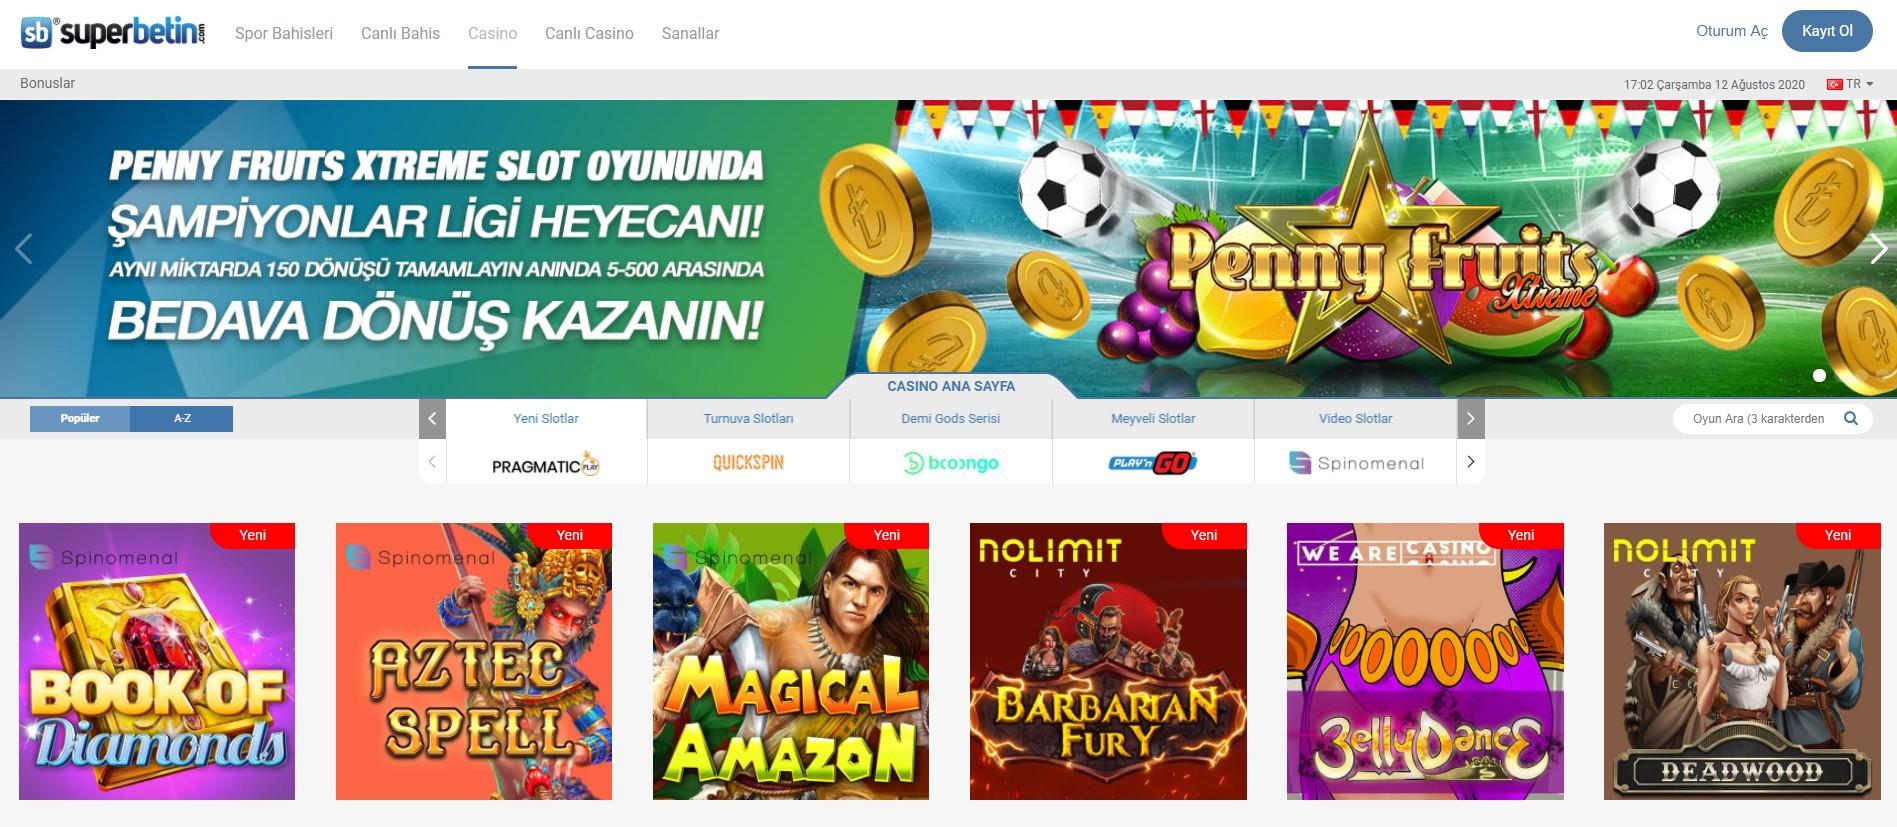 Superbetin Casino Oyunları